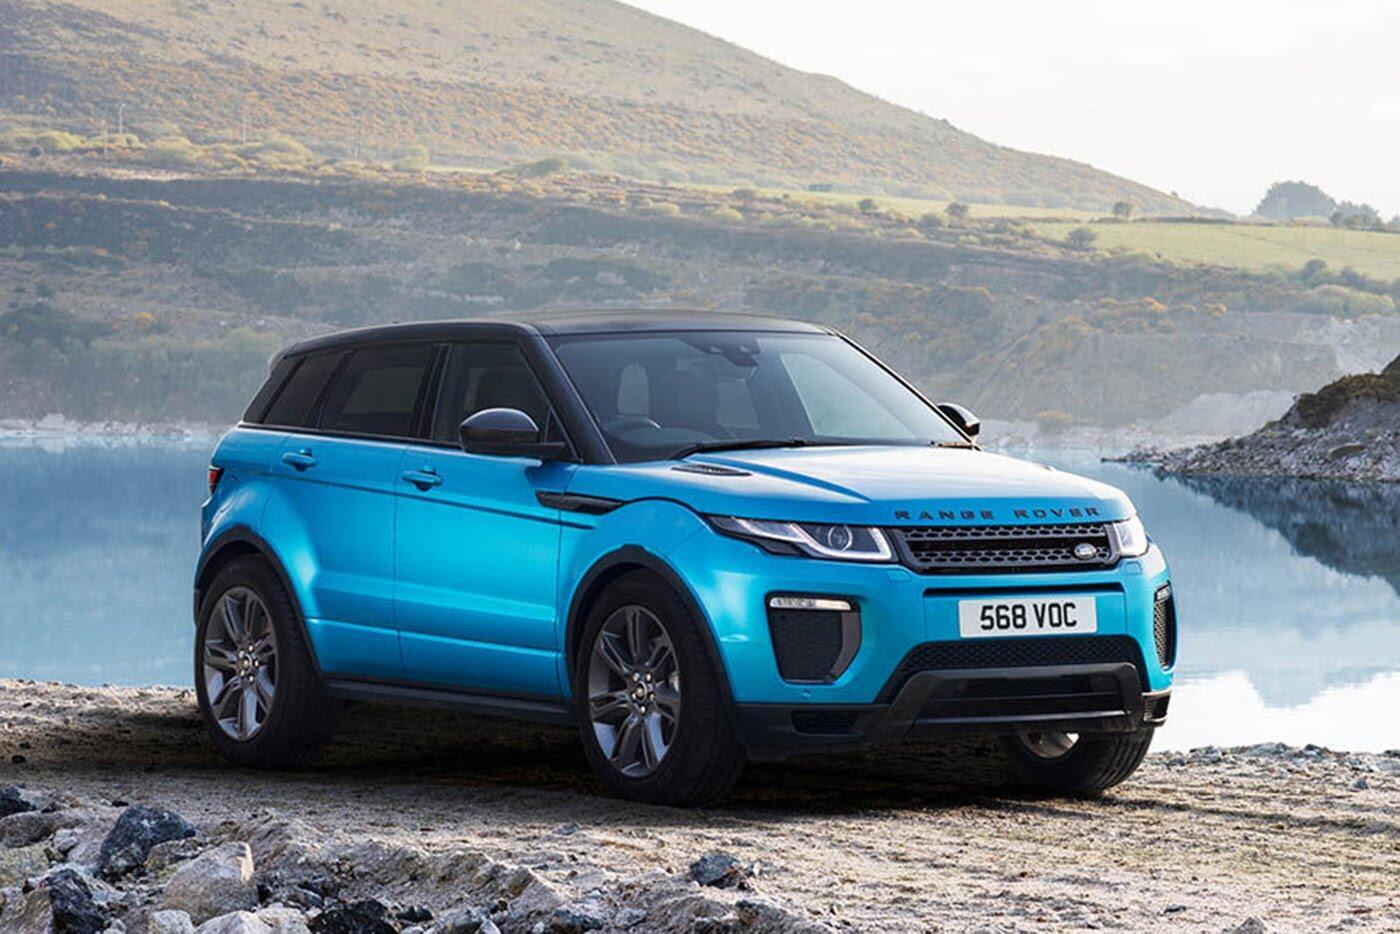 Range Rover Evoque Landmark bản đặc biệt có giá từ 74.350 USD - Hình 1